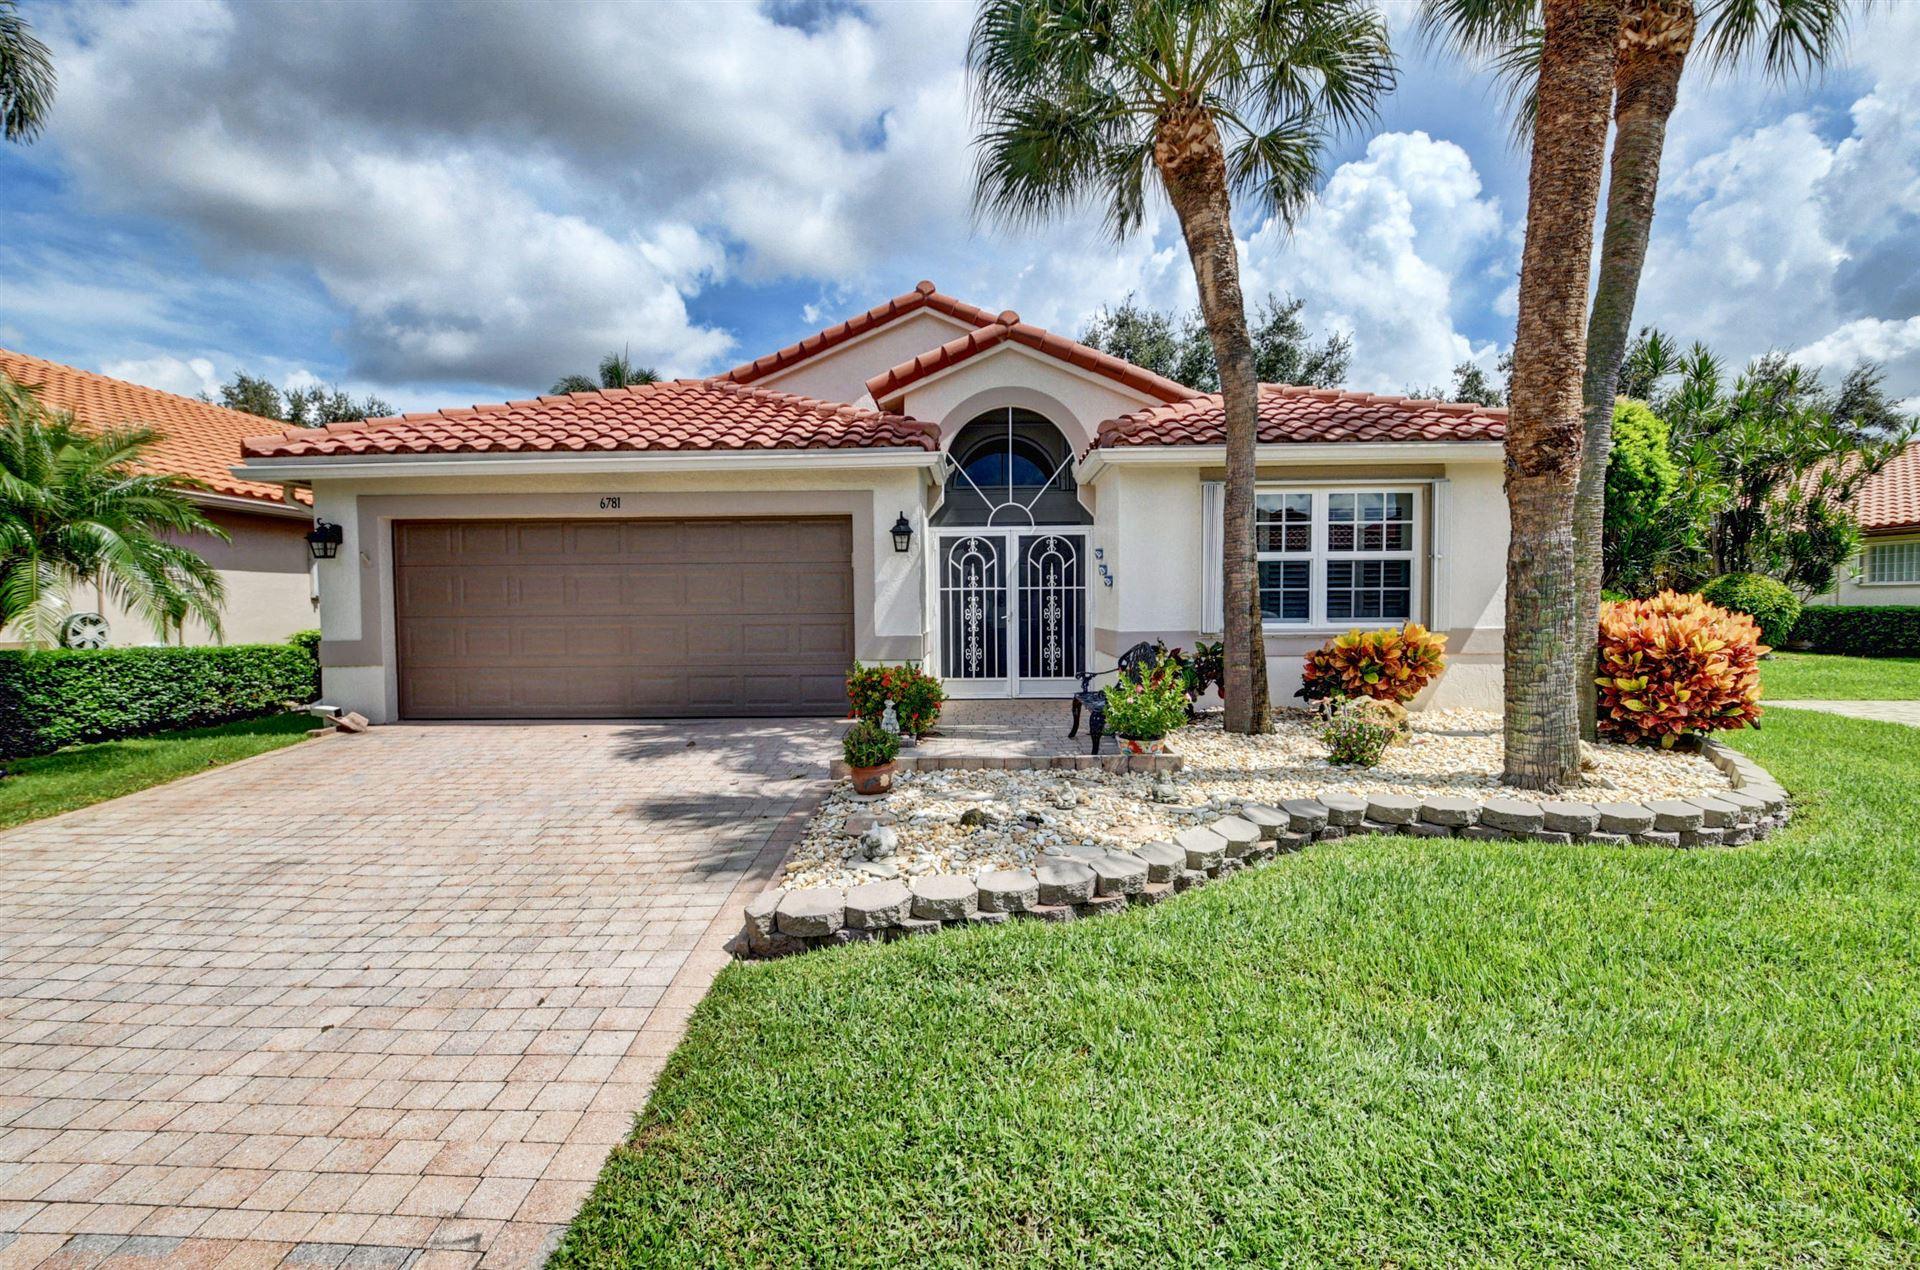 6781 Castlemaine Avenue, Boynton Beach, FL 33437 - #: RX-10633110